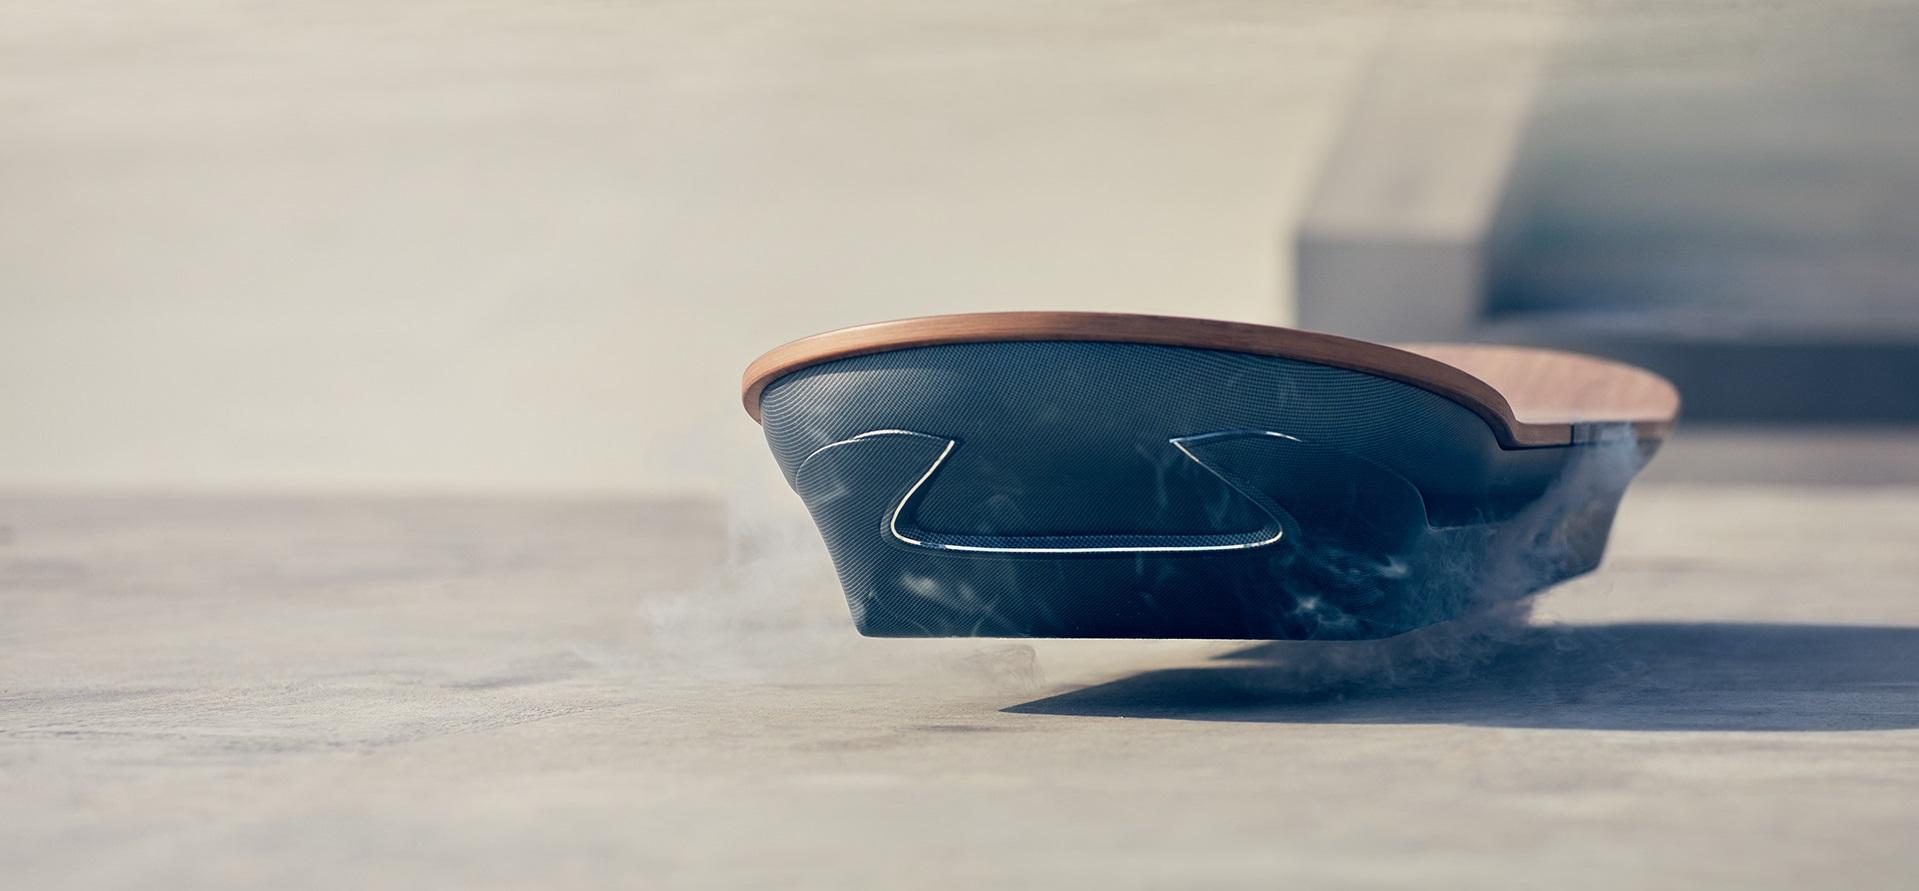 lexus-hoverboard-2.jpg